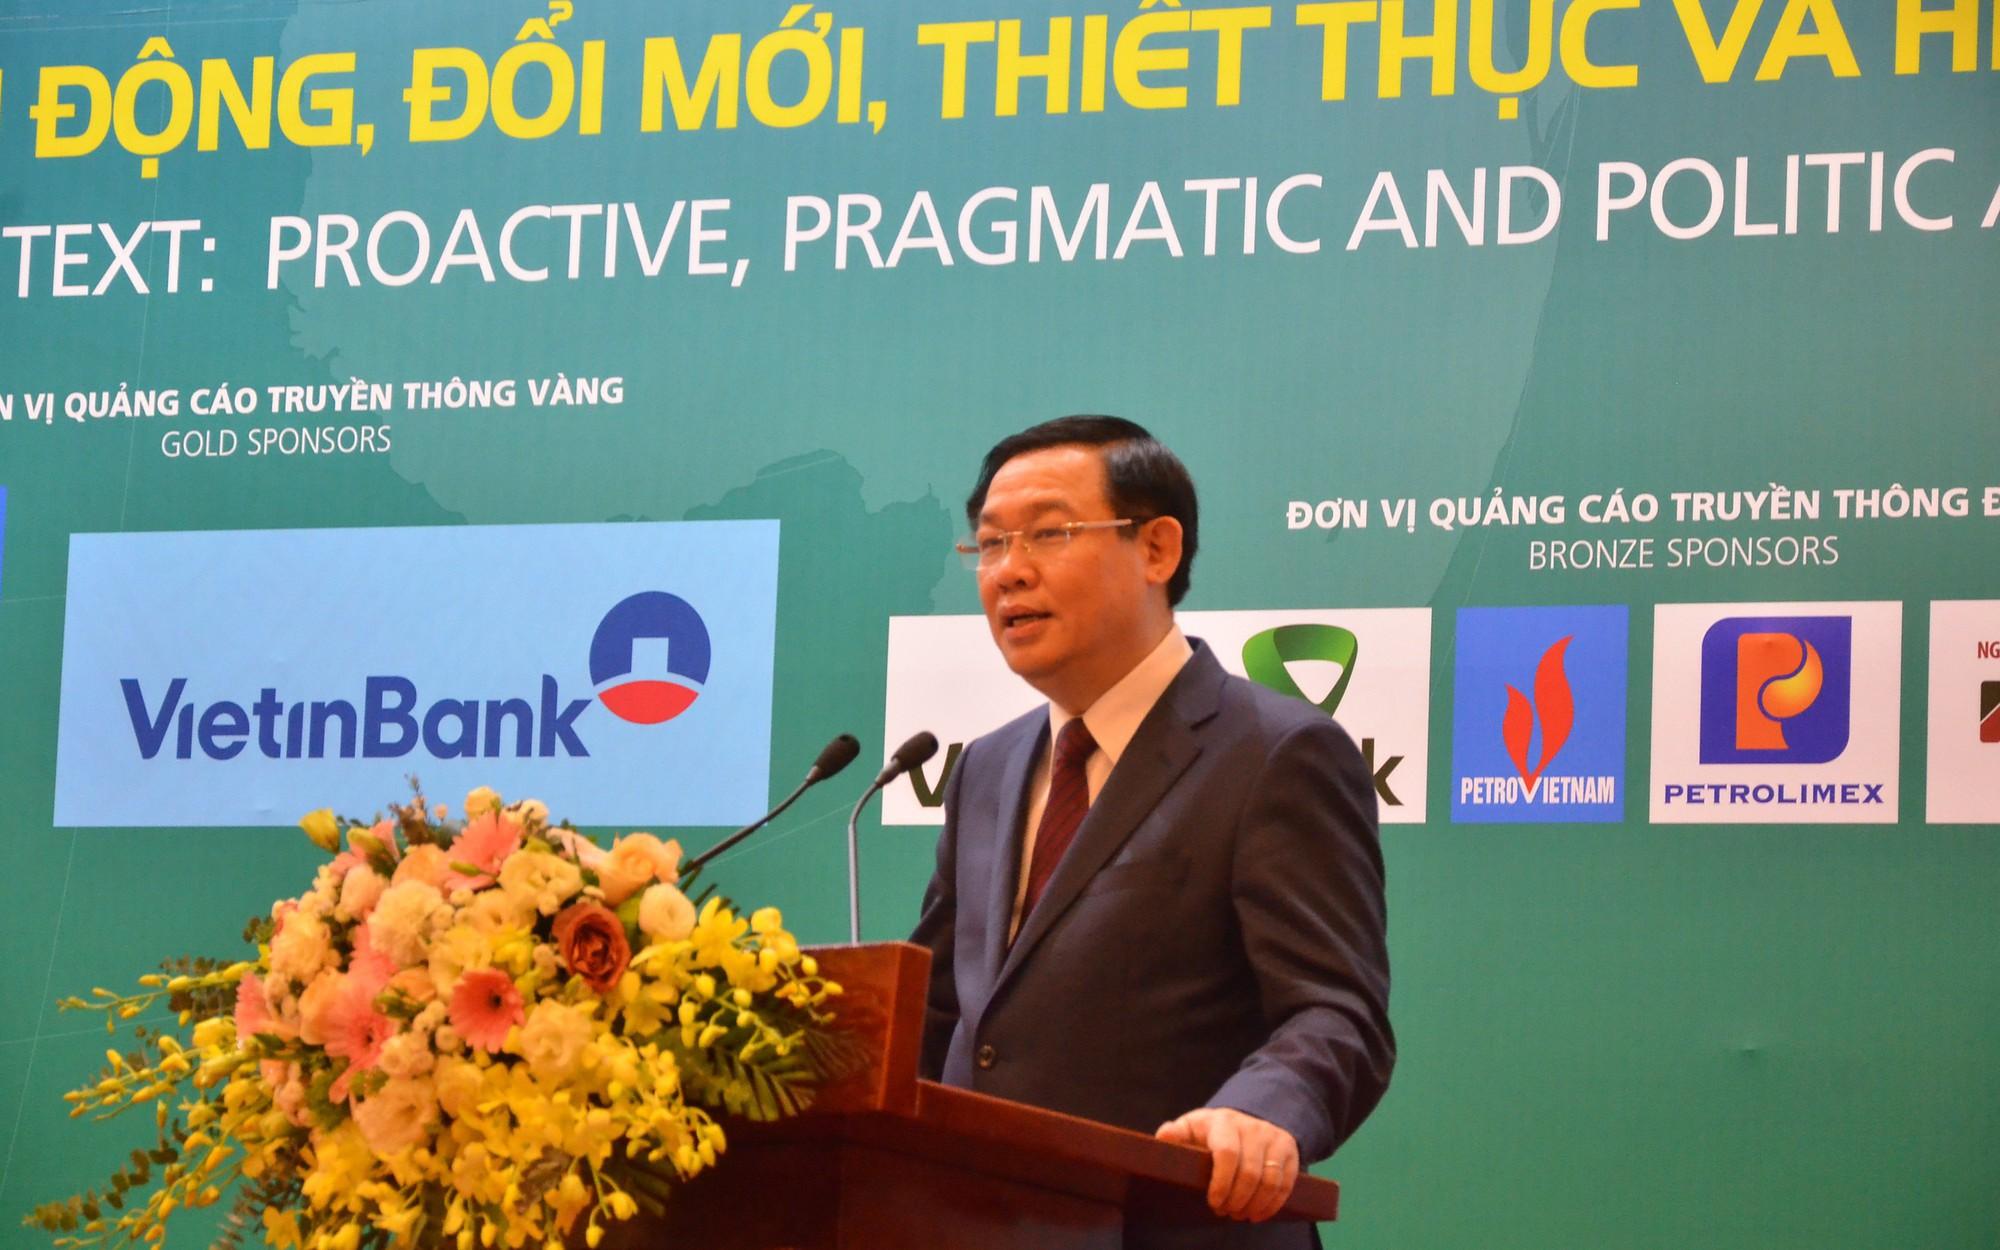 Kinh tế của Việt Nam đừng quá mải mê có thời cơ ngắn hạn nếu muốn ra biển lớn - Ảnh 1.